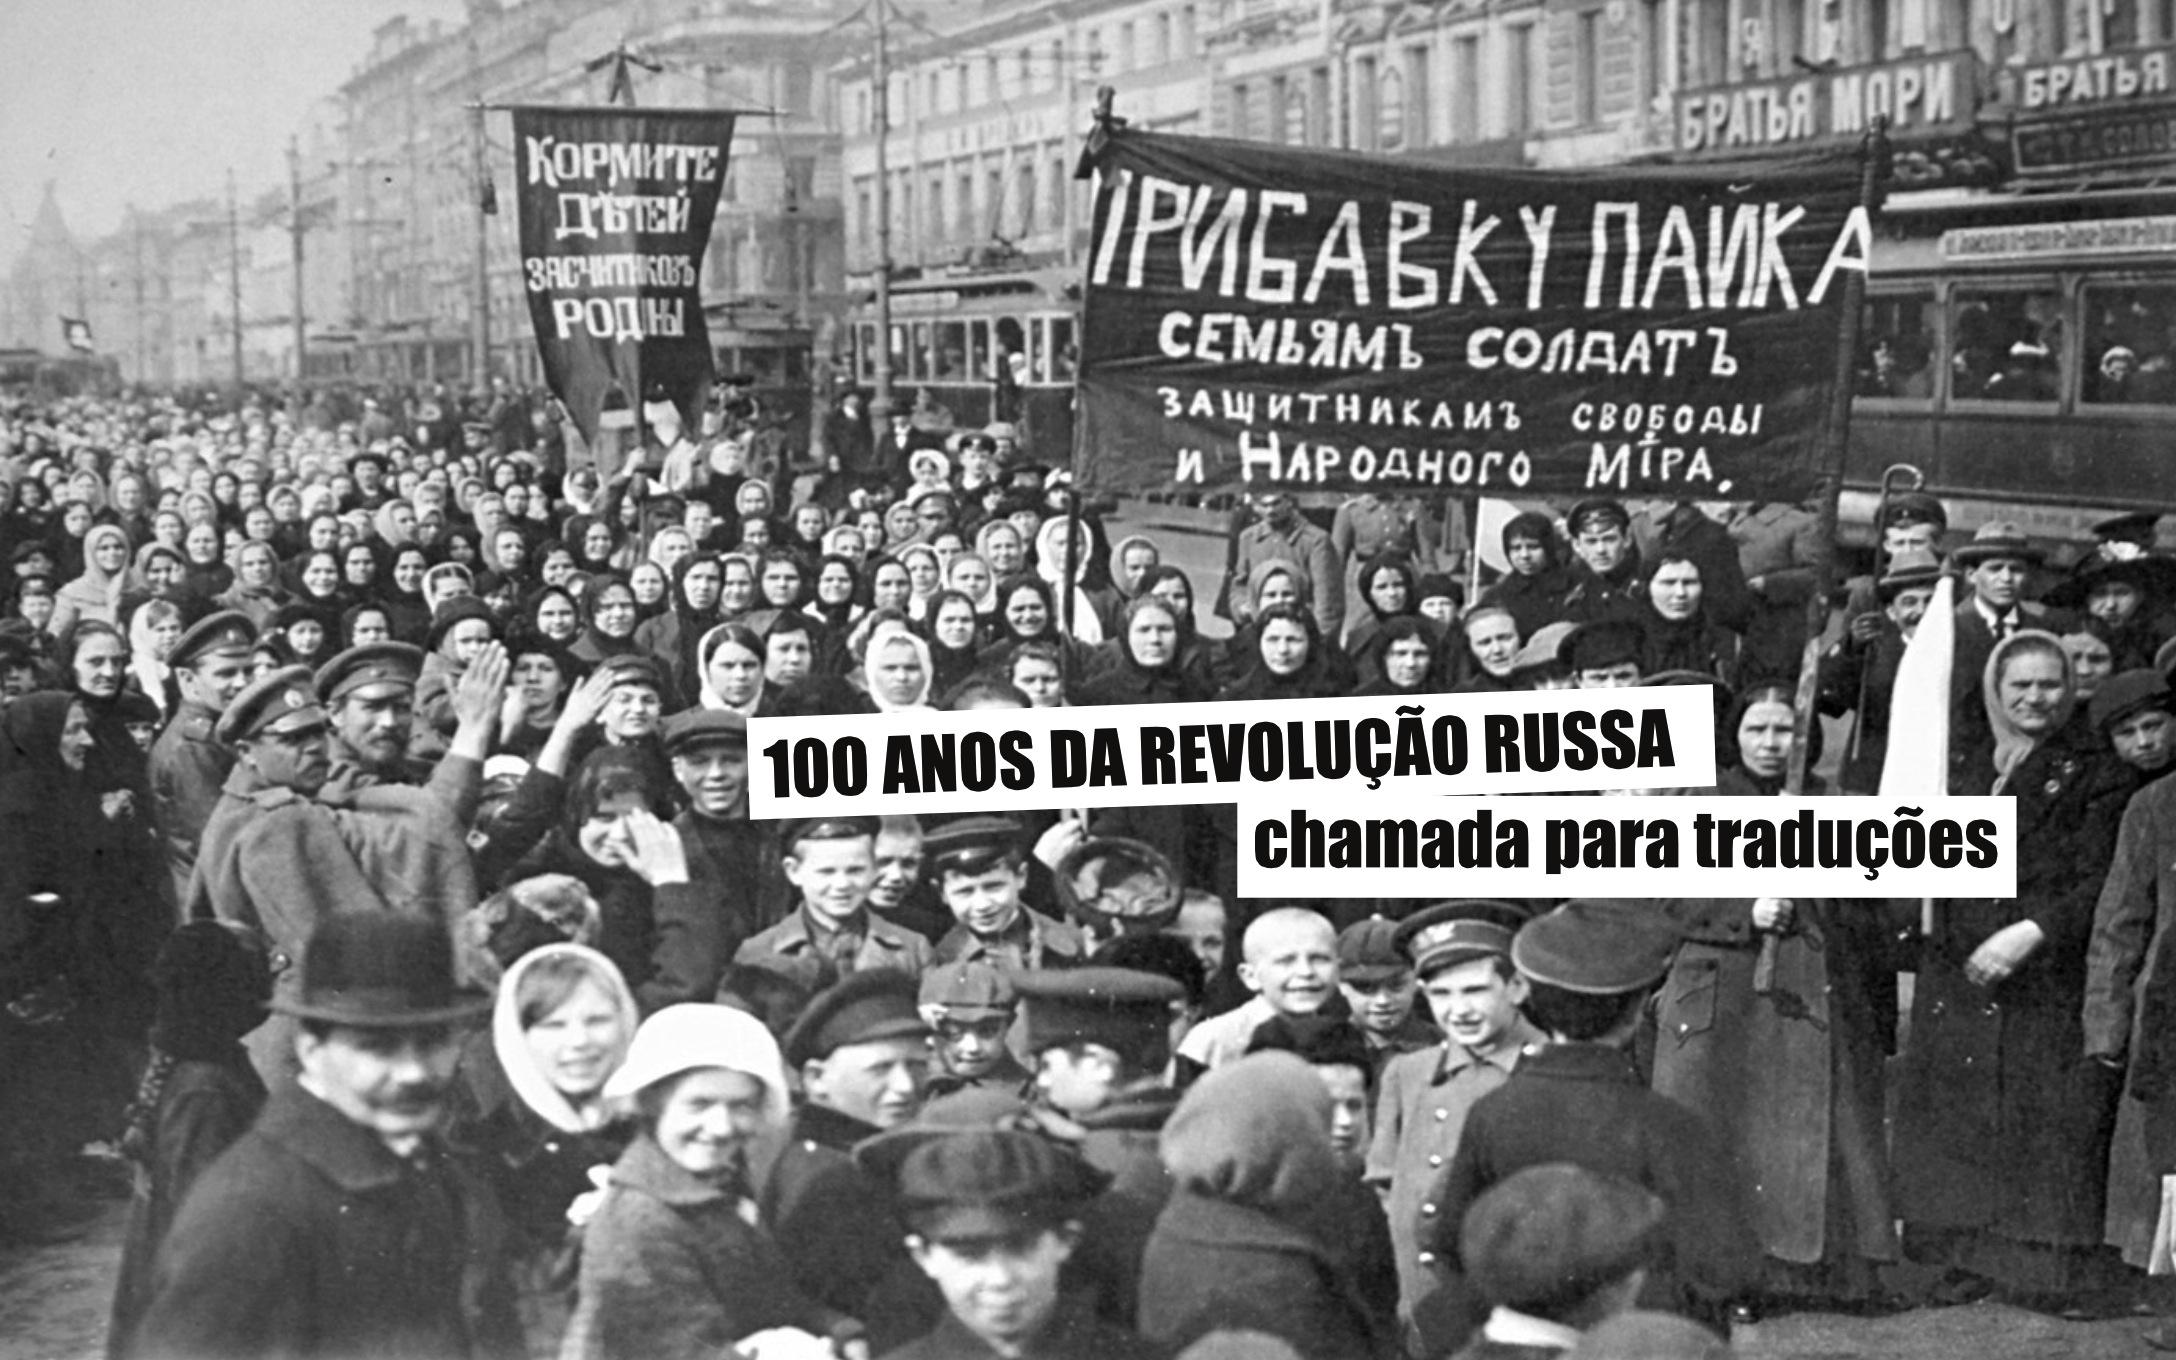 100 anos de Revolução Russa: chamado à colaboração com traduções